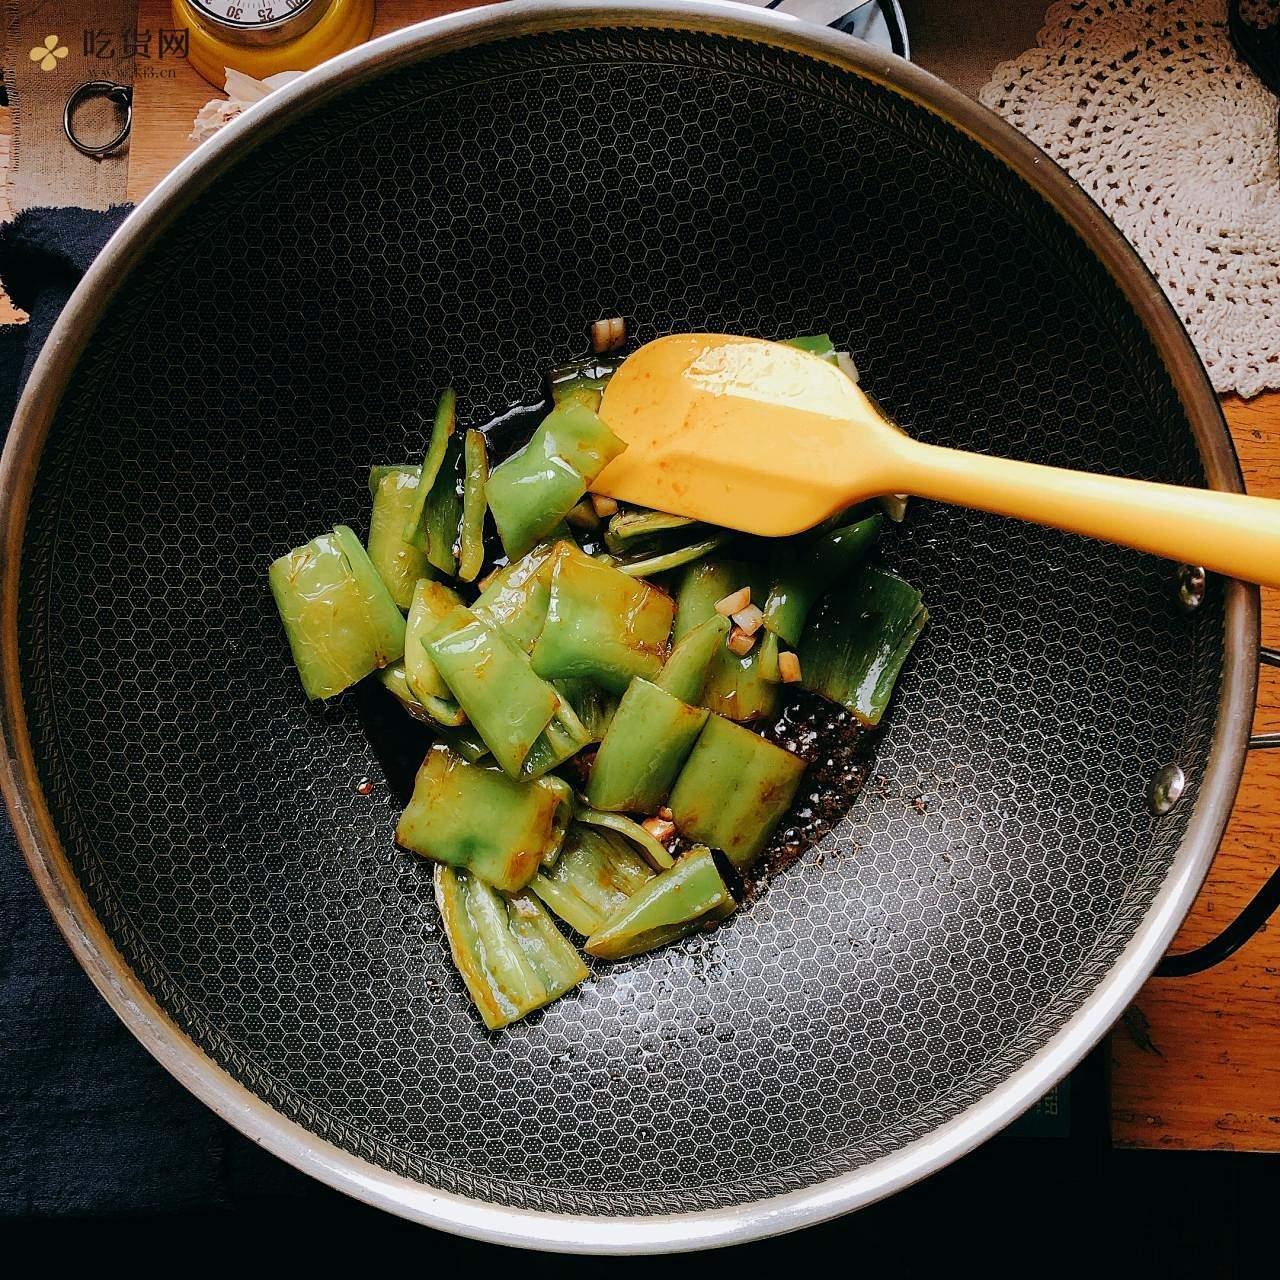 『米饭杀手』虎皮尖椒的做法 步骤6